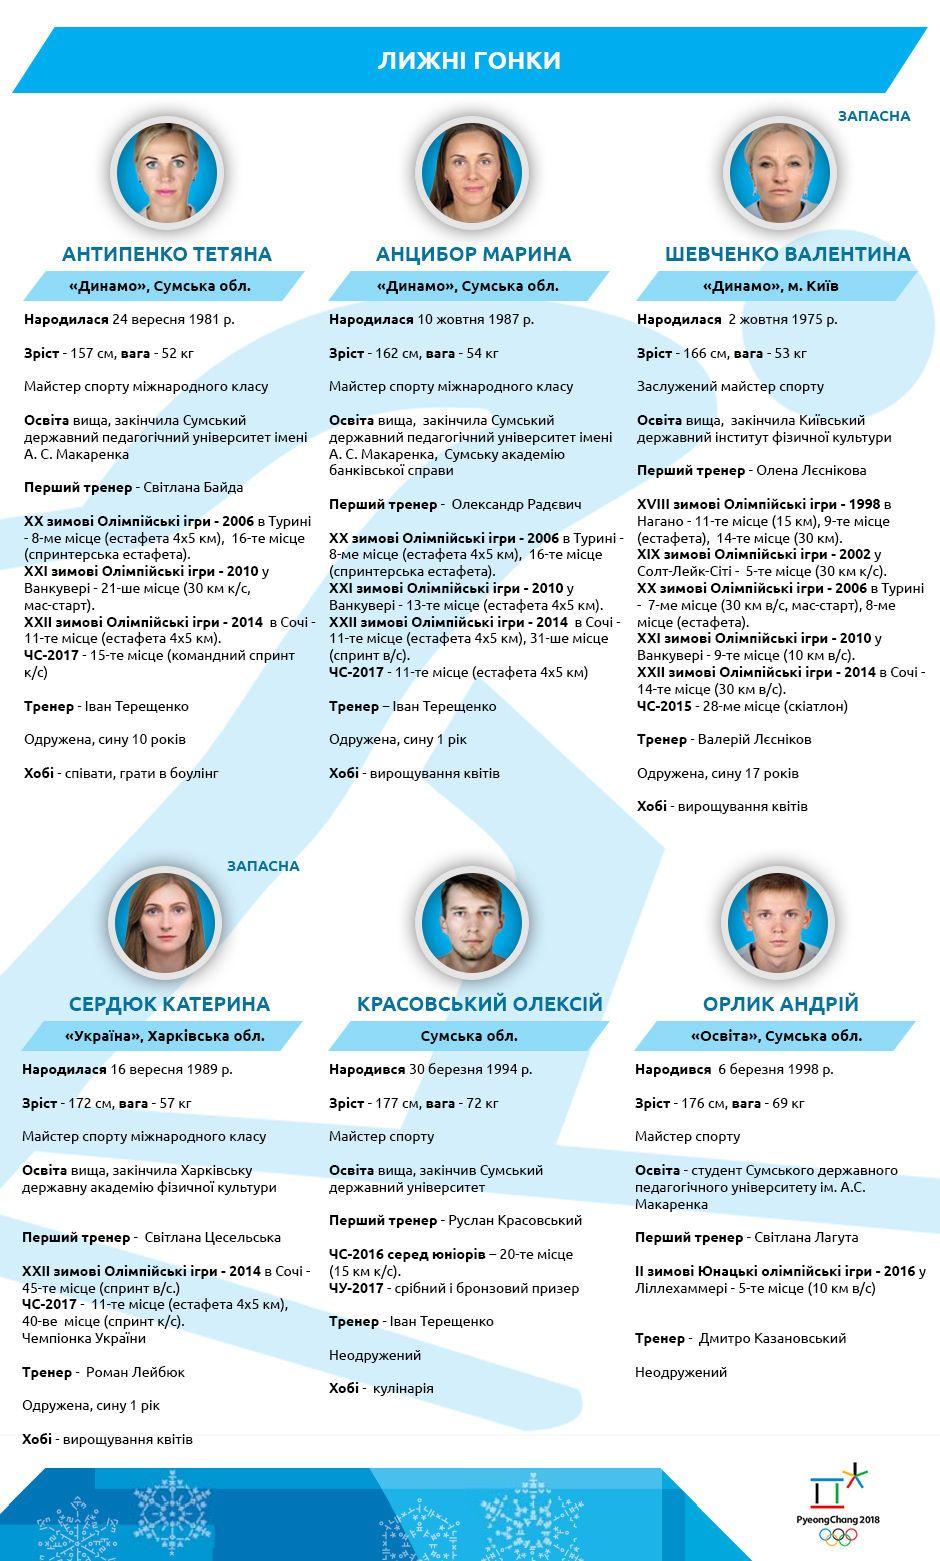 олімпійська команда україни 2018_3